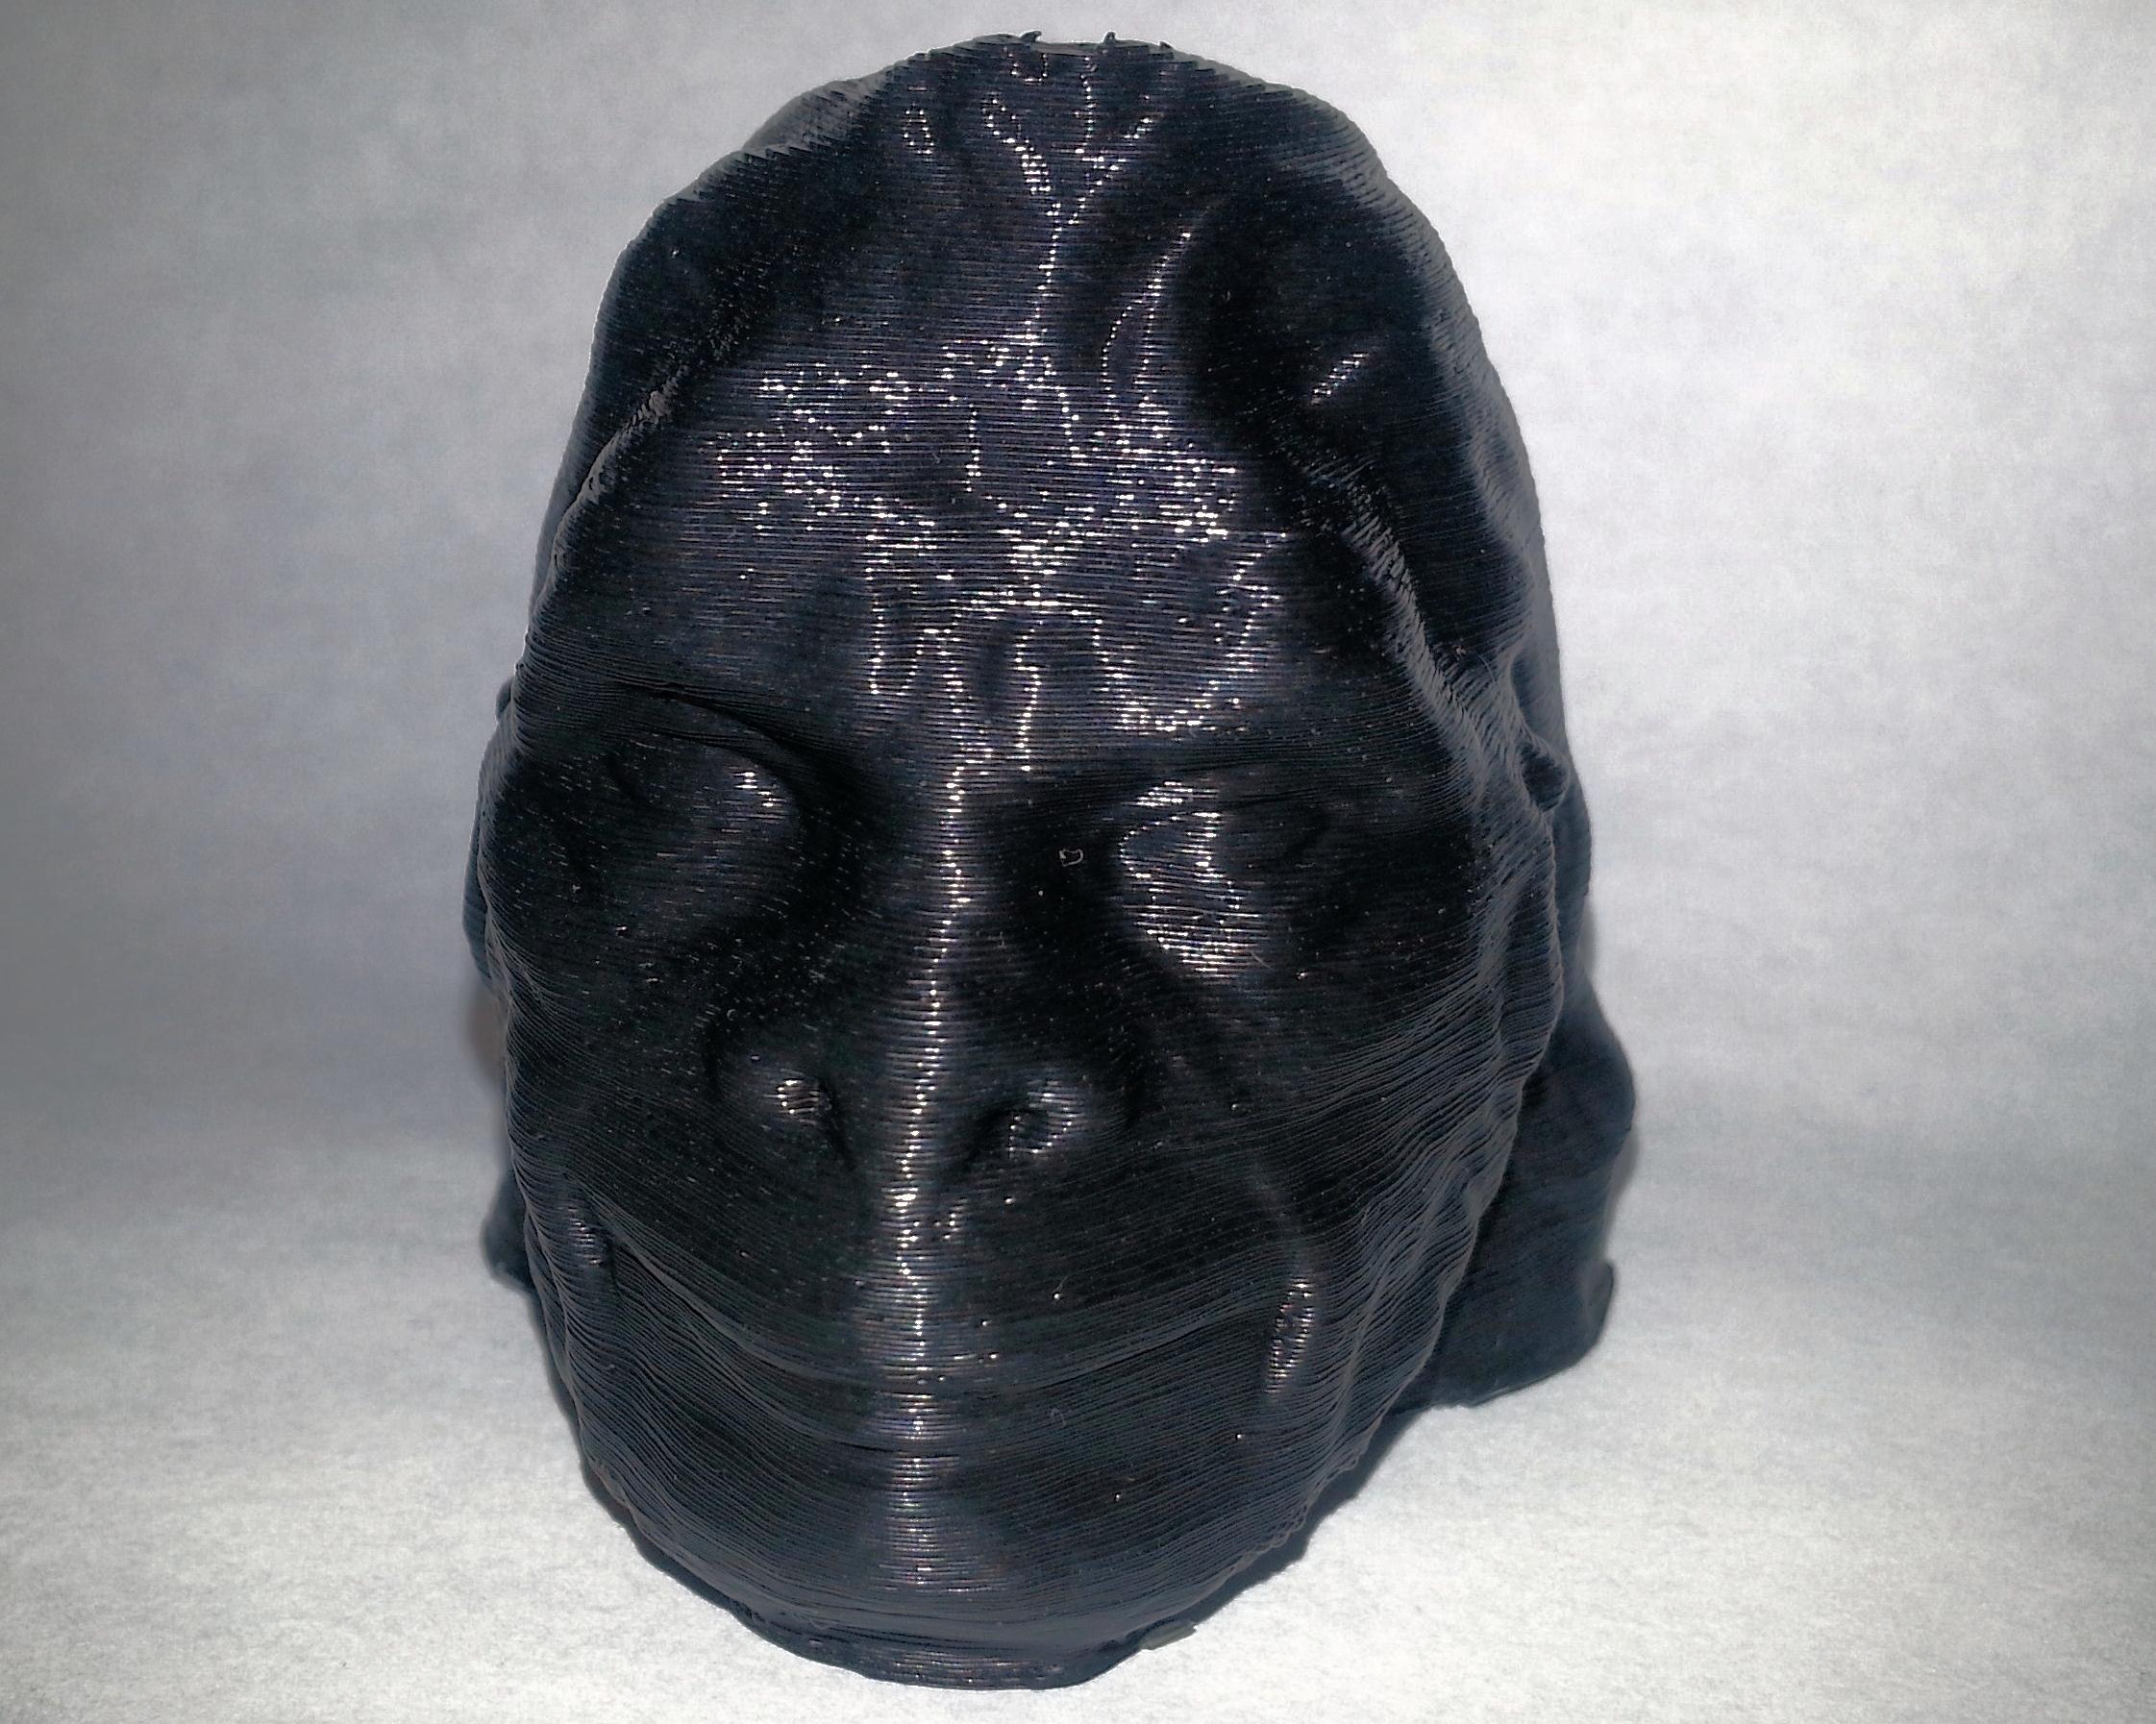 Makergear Gorilla Head  Makergear M2 - 0.2mm layers - Black PLA